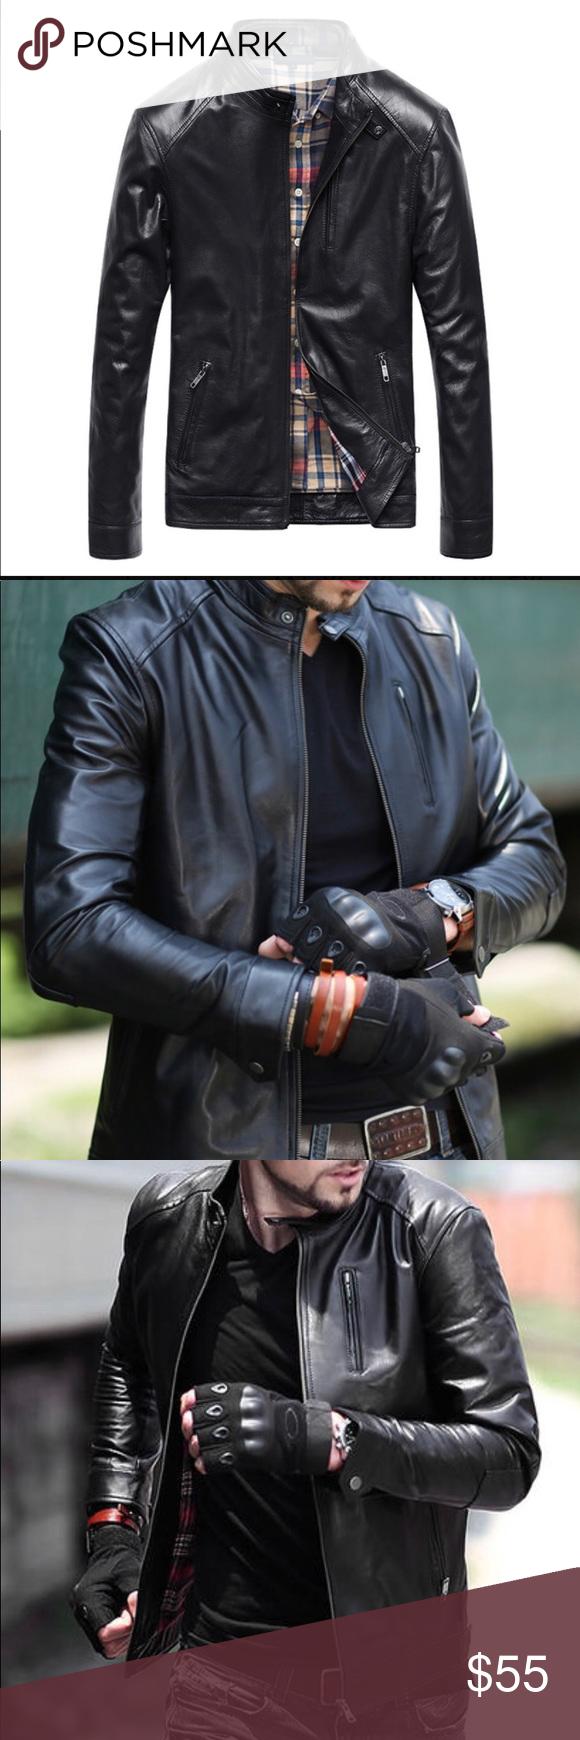 THOOO New GENTLEMEN Blk leather Motorcycle jacket THOOO